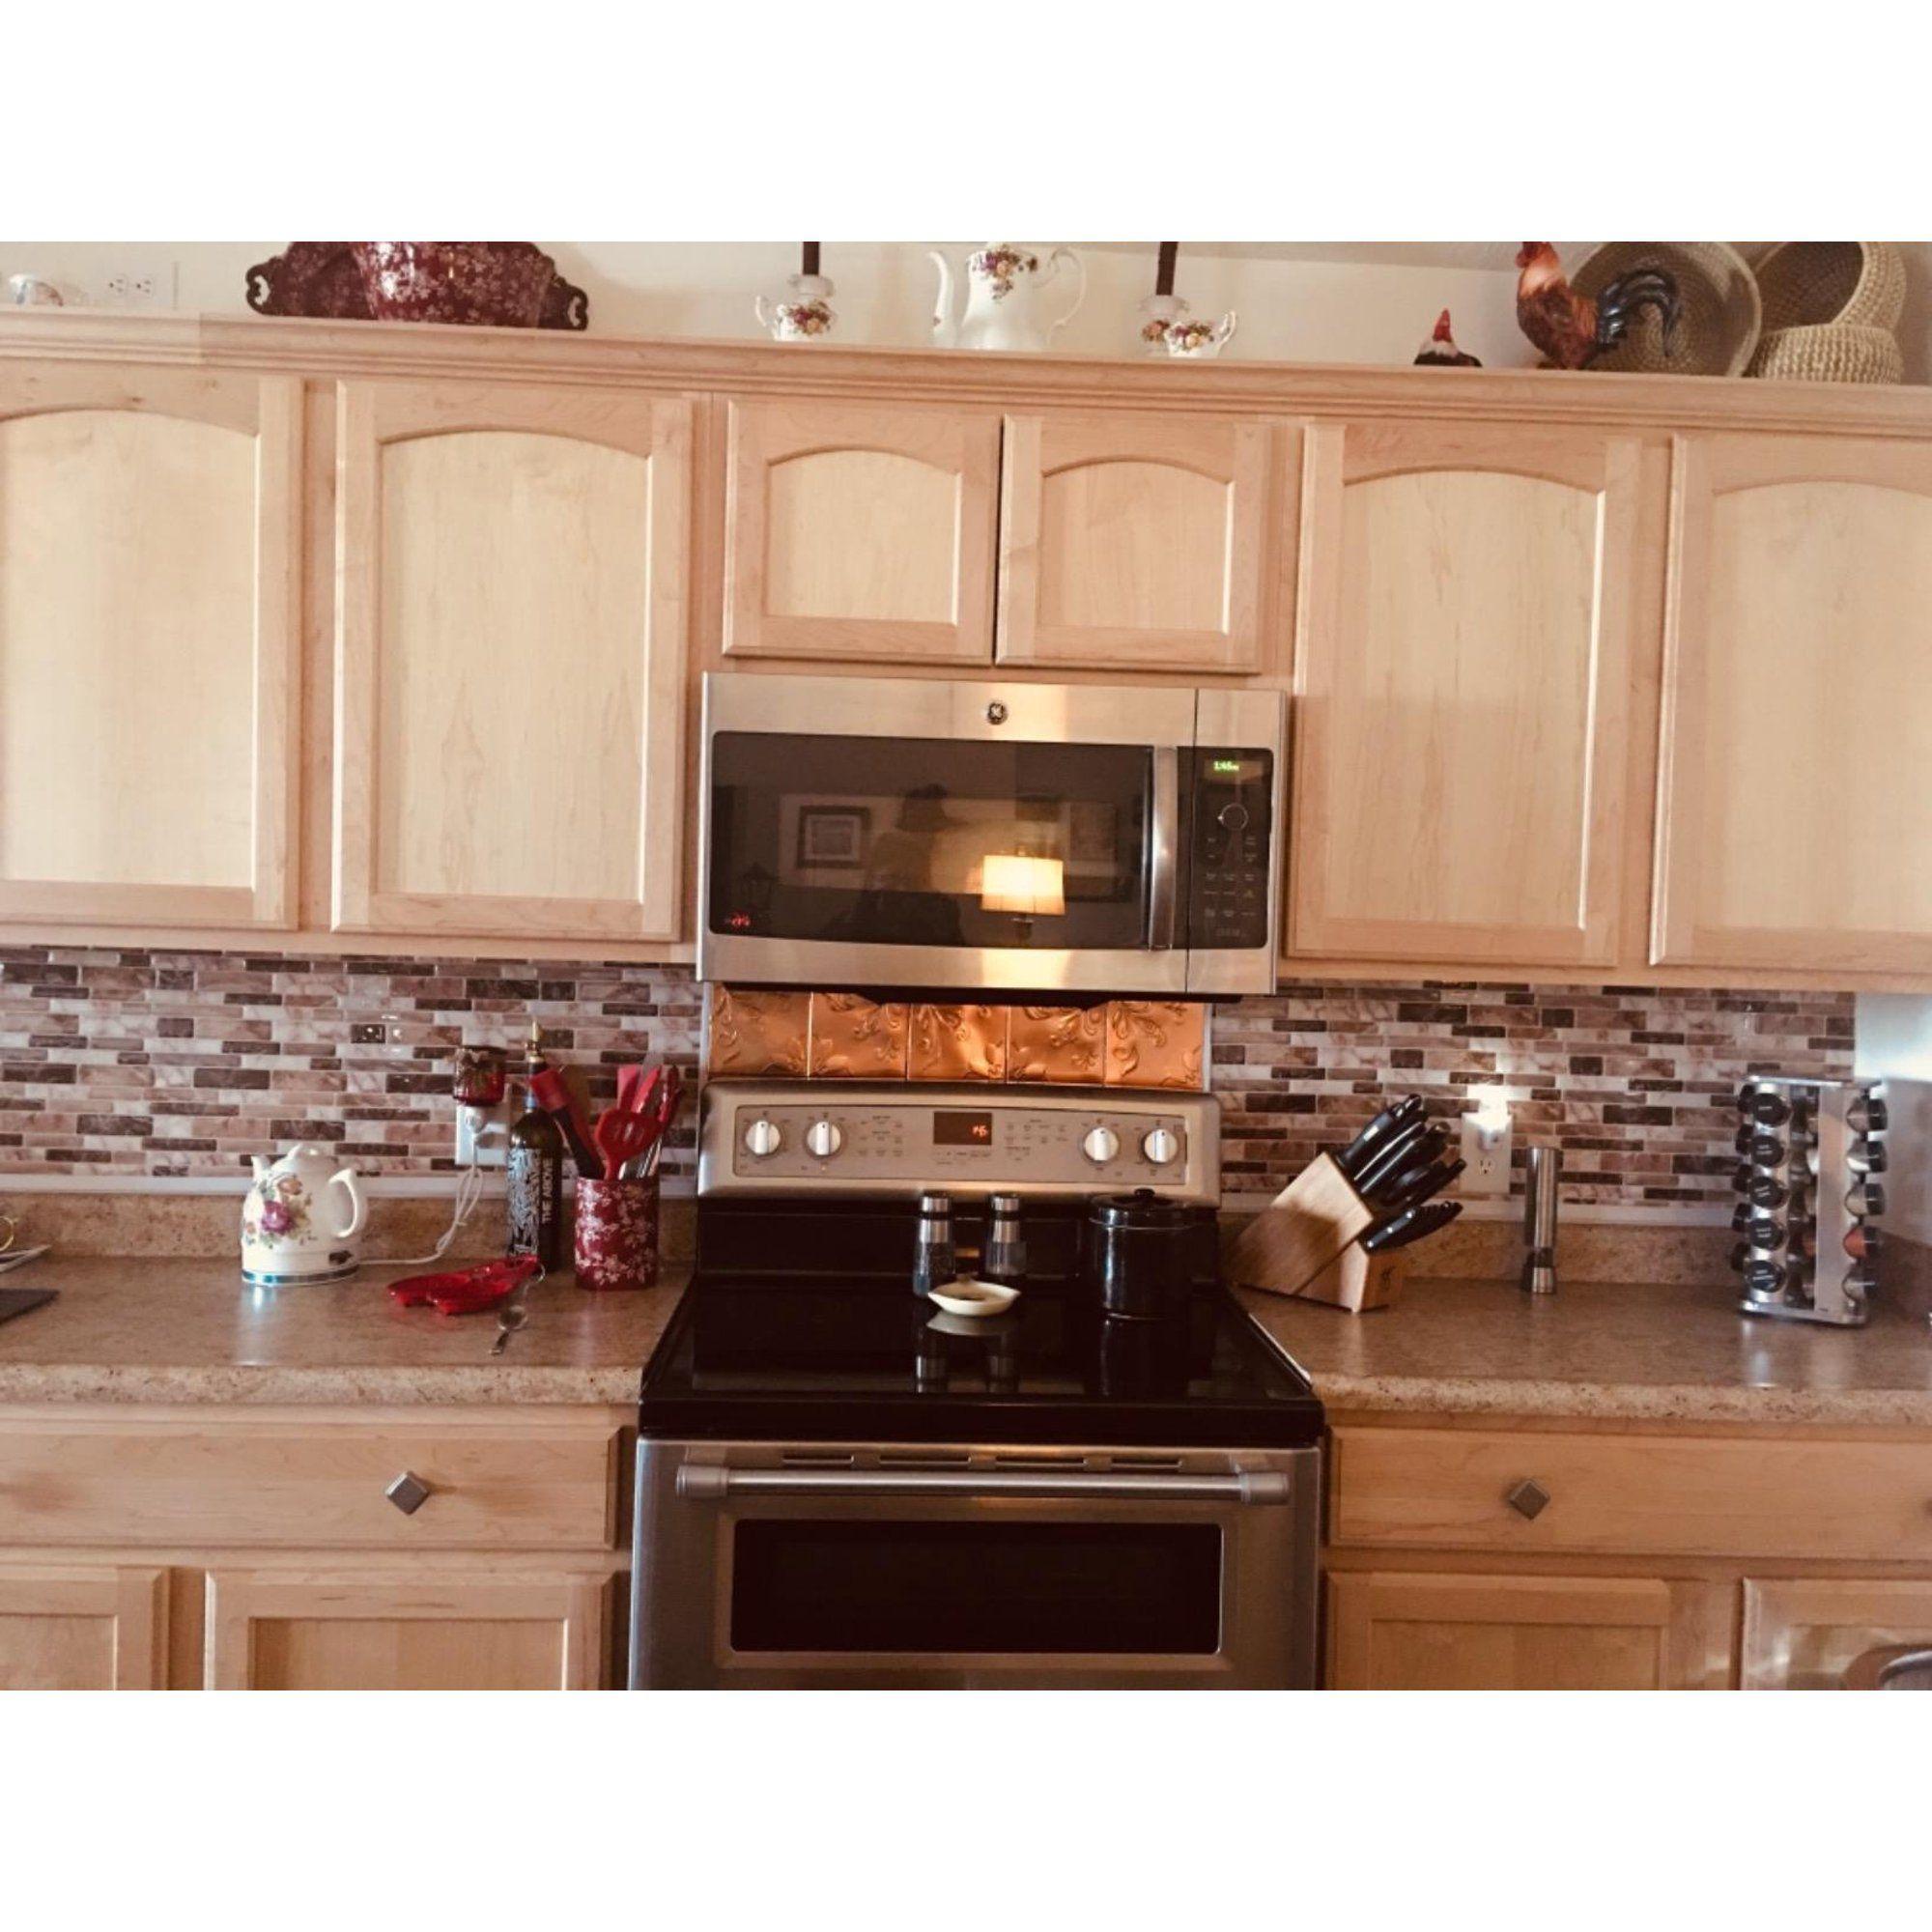 10 Sheets Peel And Stick Tile Backsplash For Kitchen In Marble Design Walmart Com In 2020 Kitchen Tile Backsplash With Oak Kitchen Remodel Layout Kitchen Remodel